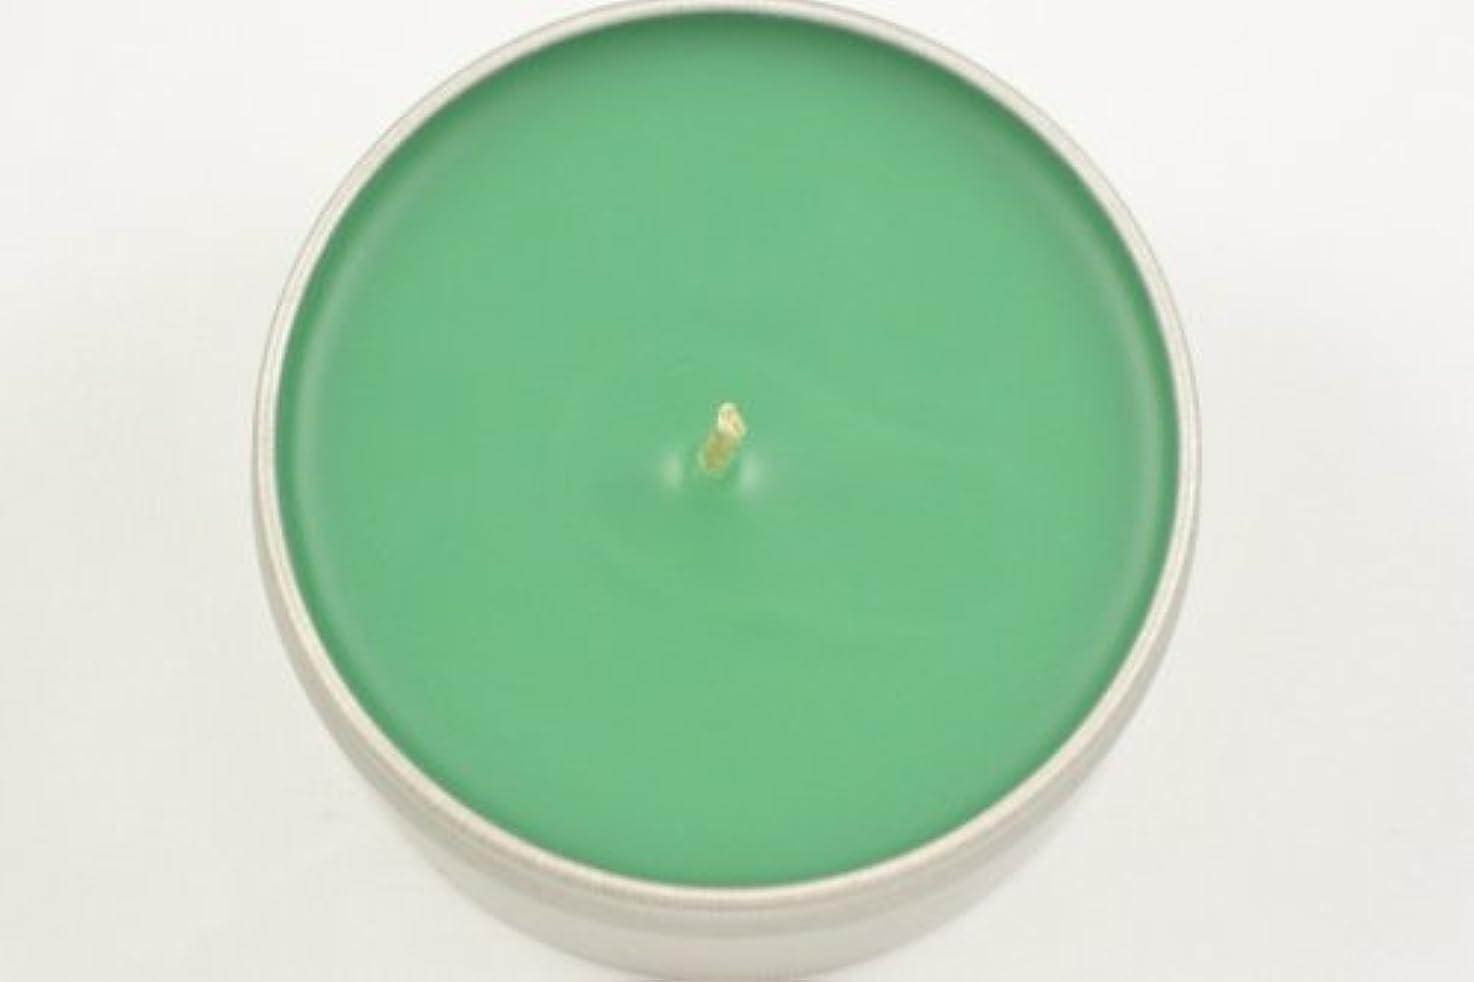 蒸音声学惨めな魅惑的なキャンドルセージ葉Scented Candle 8 oz